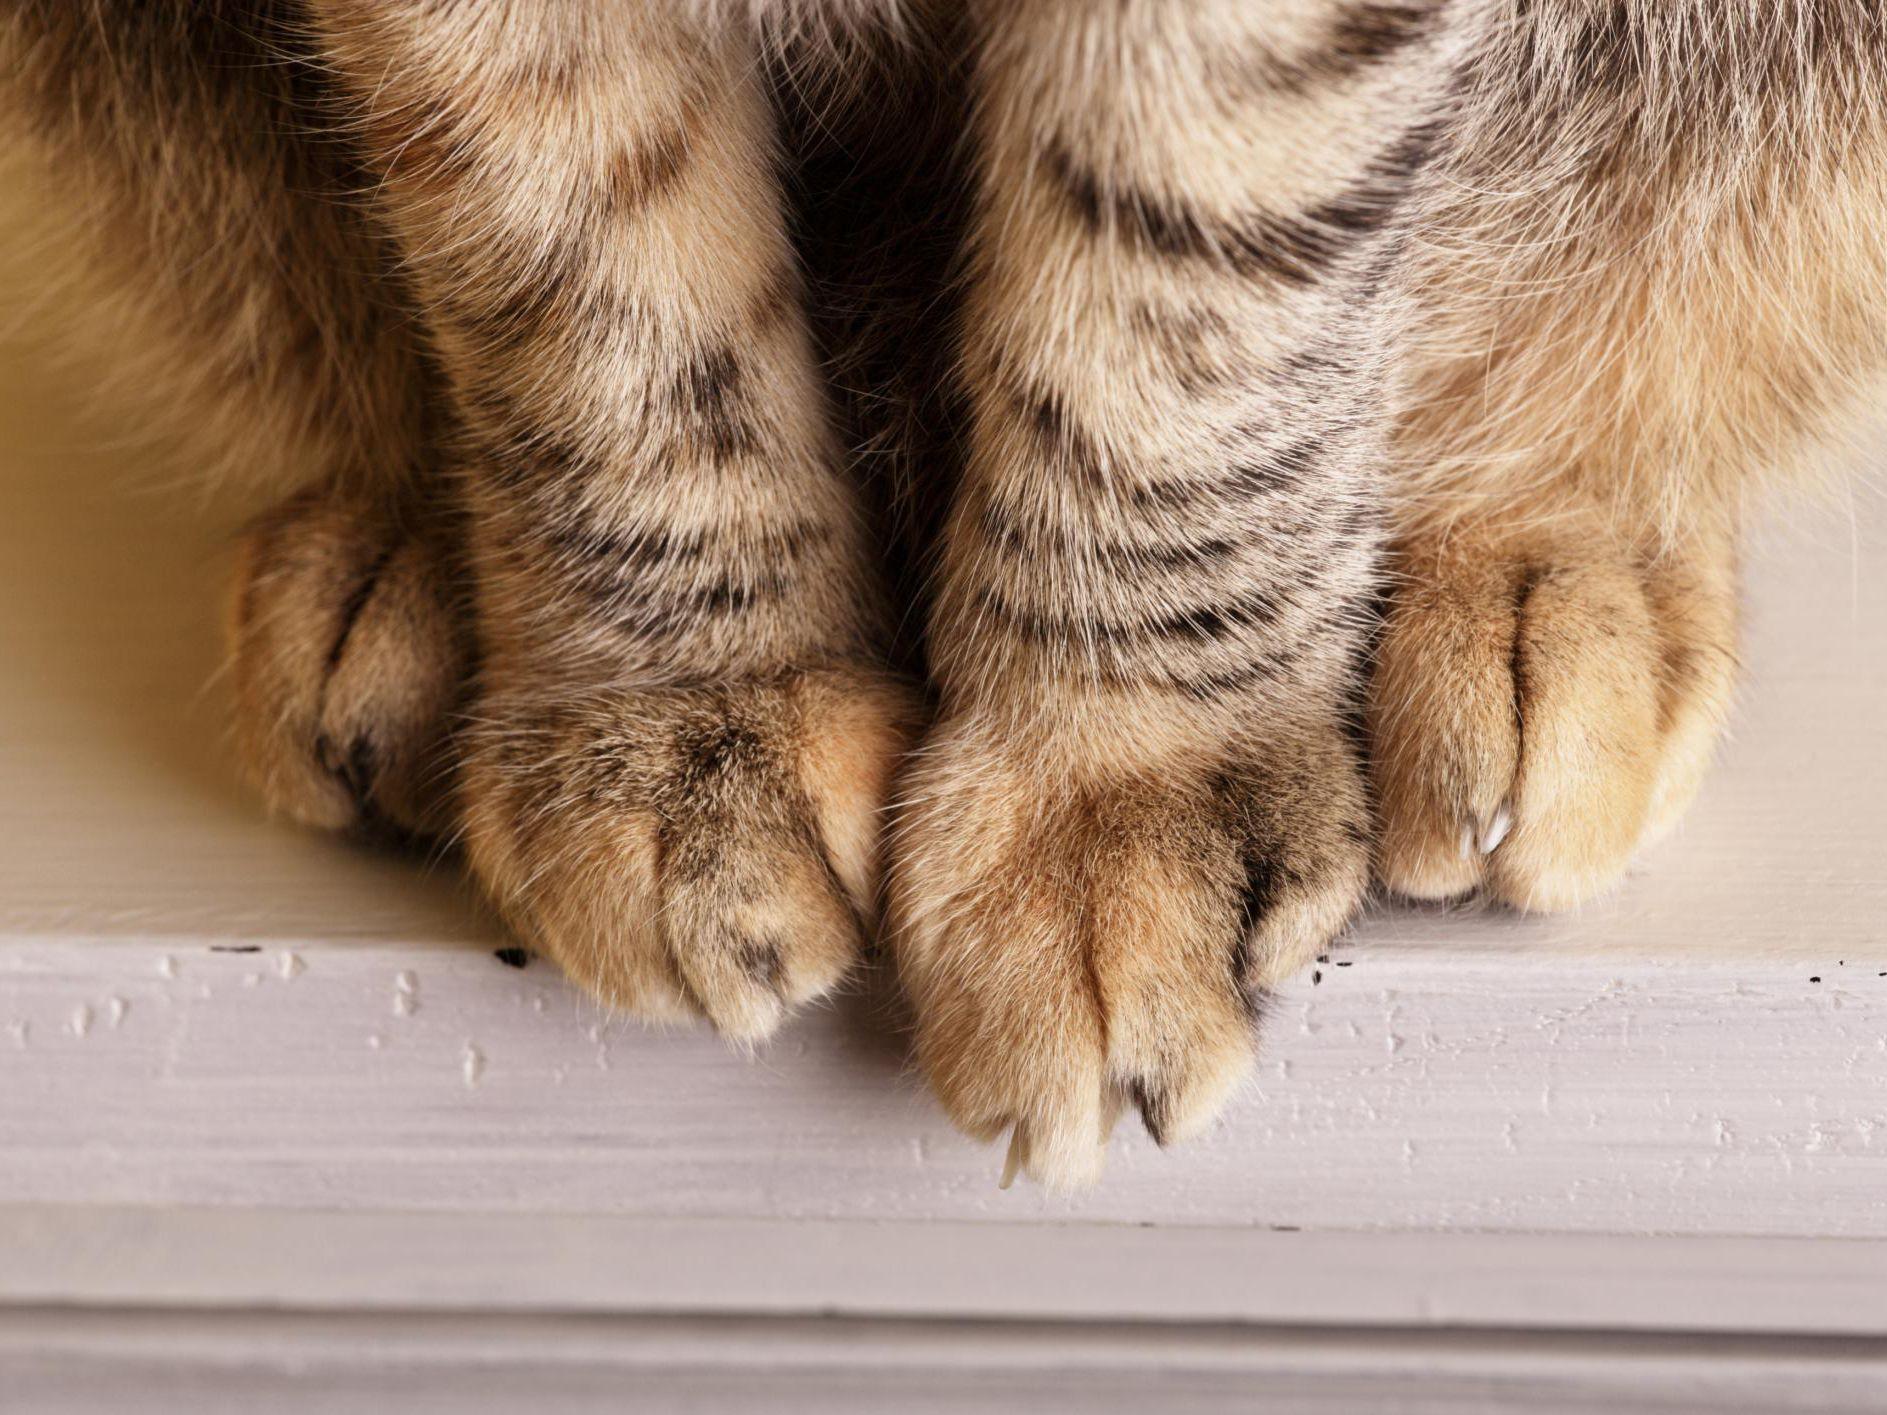 Una fractura de cadera provoca dolor al gato